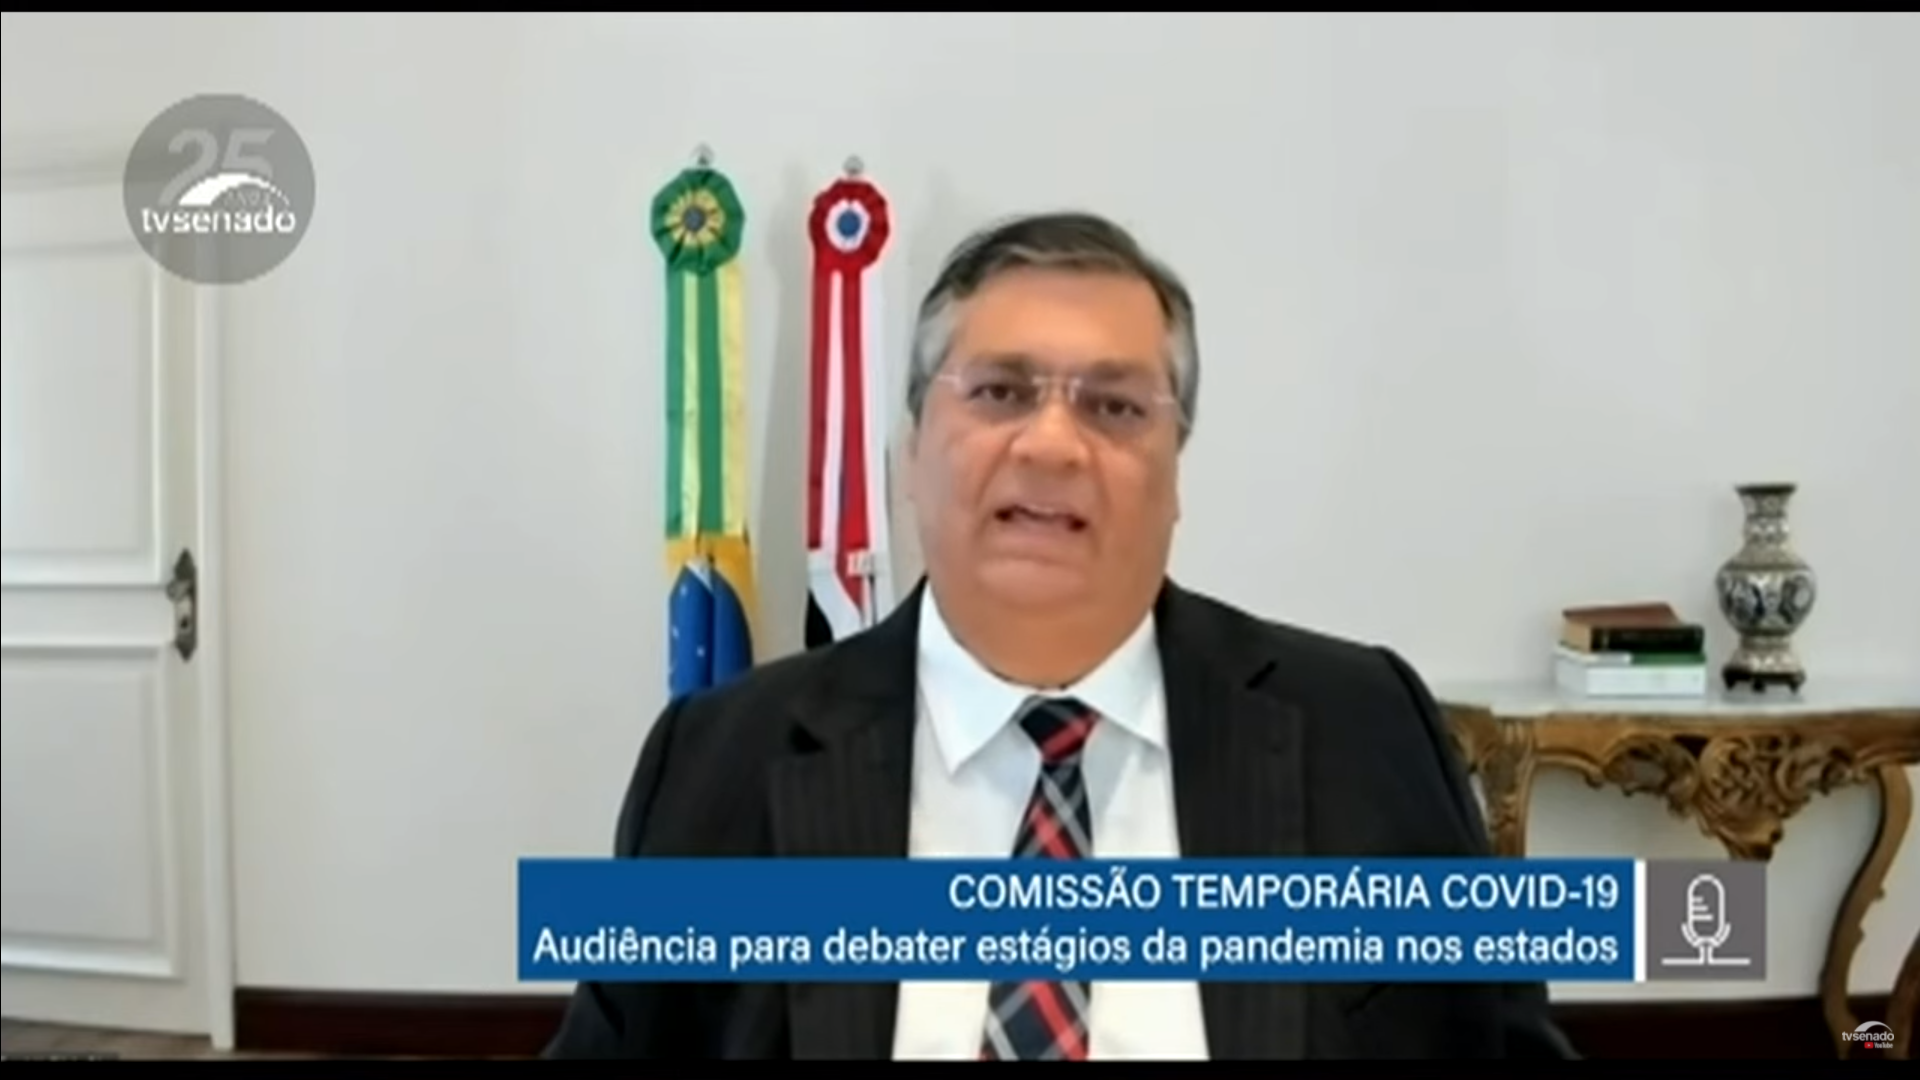 """IMAGEM: Flávio Dino: brigas com a China geram """"cadeia de má vontade contra o Brasil"""""""